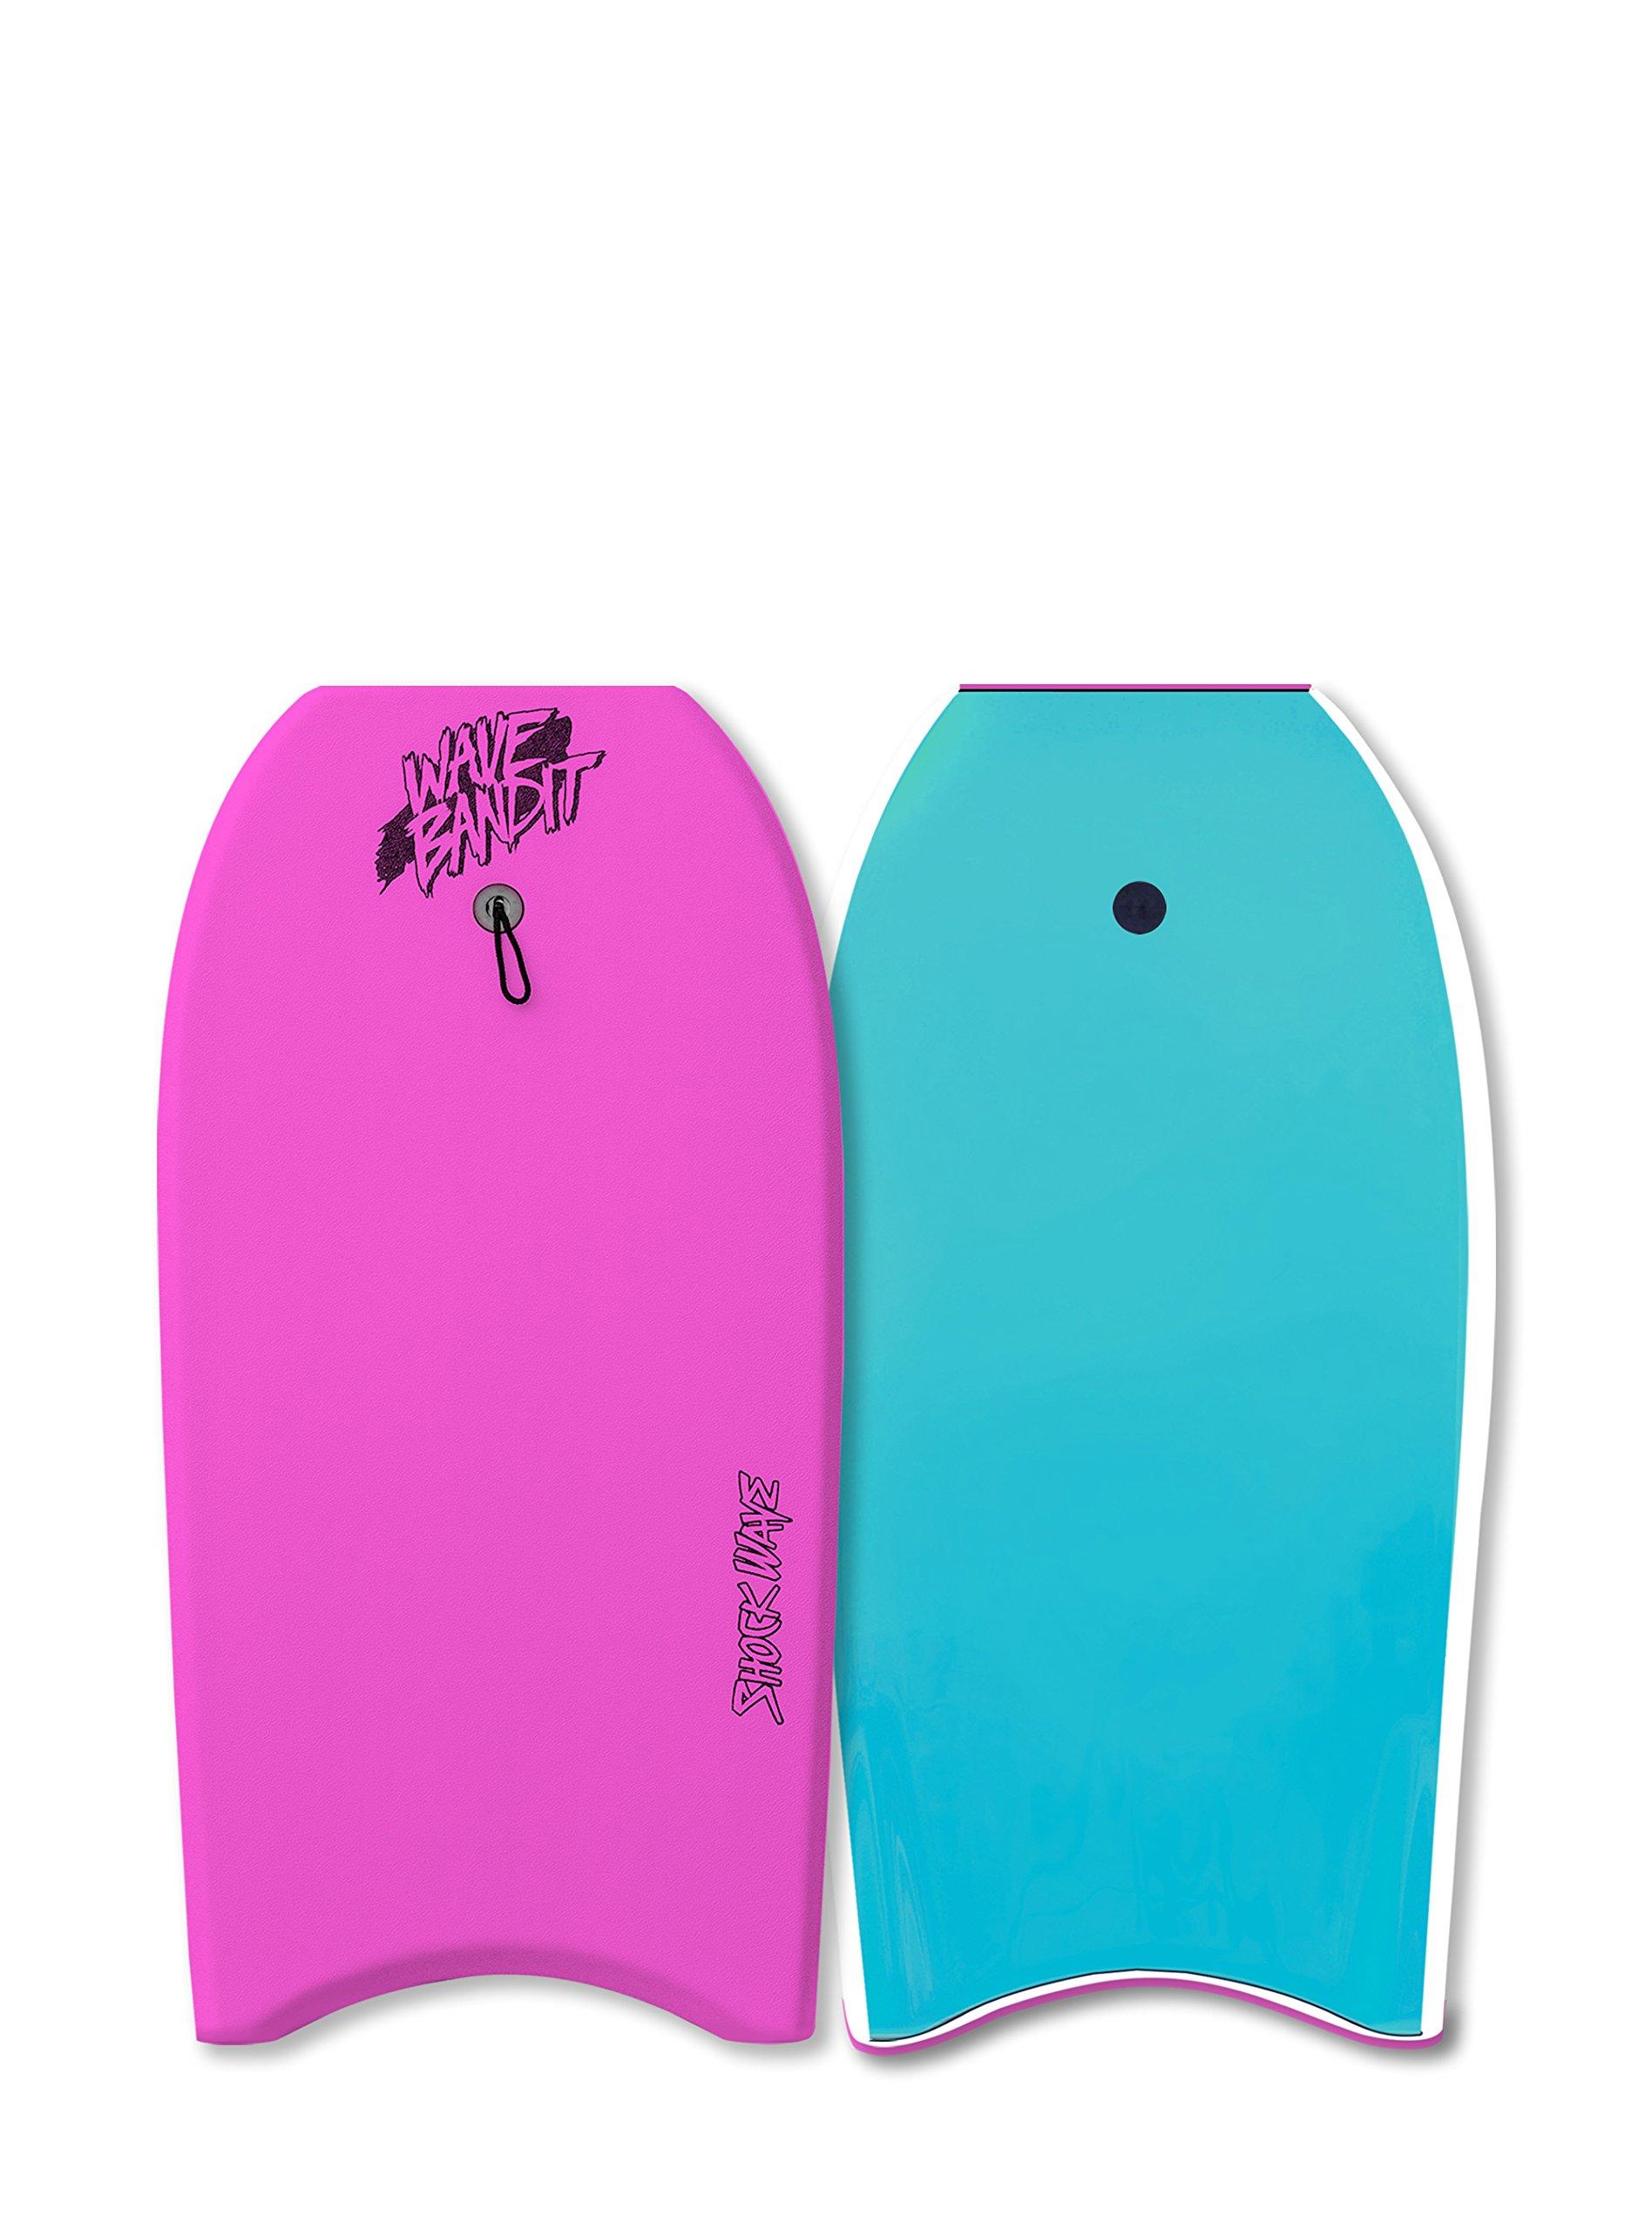 Wave Bandit Shockwave Neon Pink, 42'' by Wave Bandit